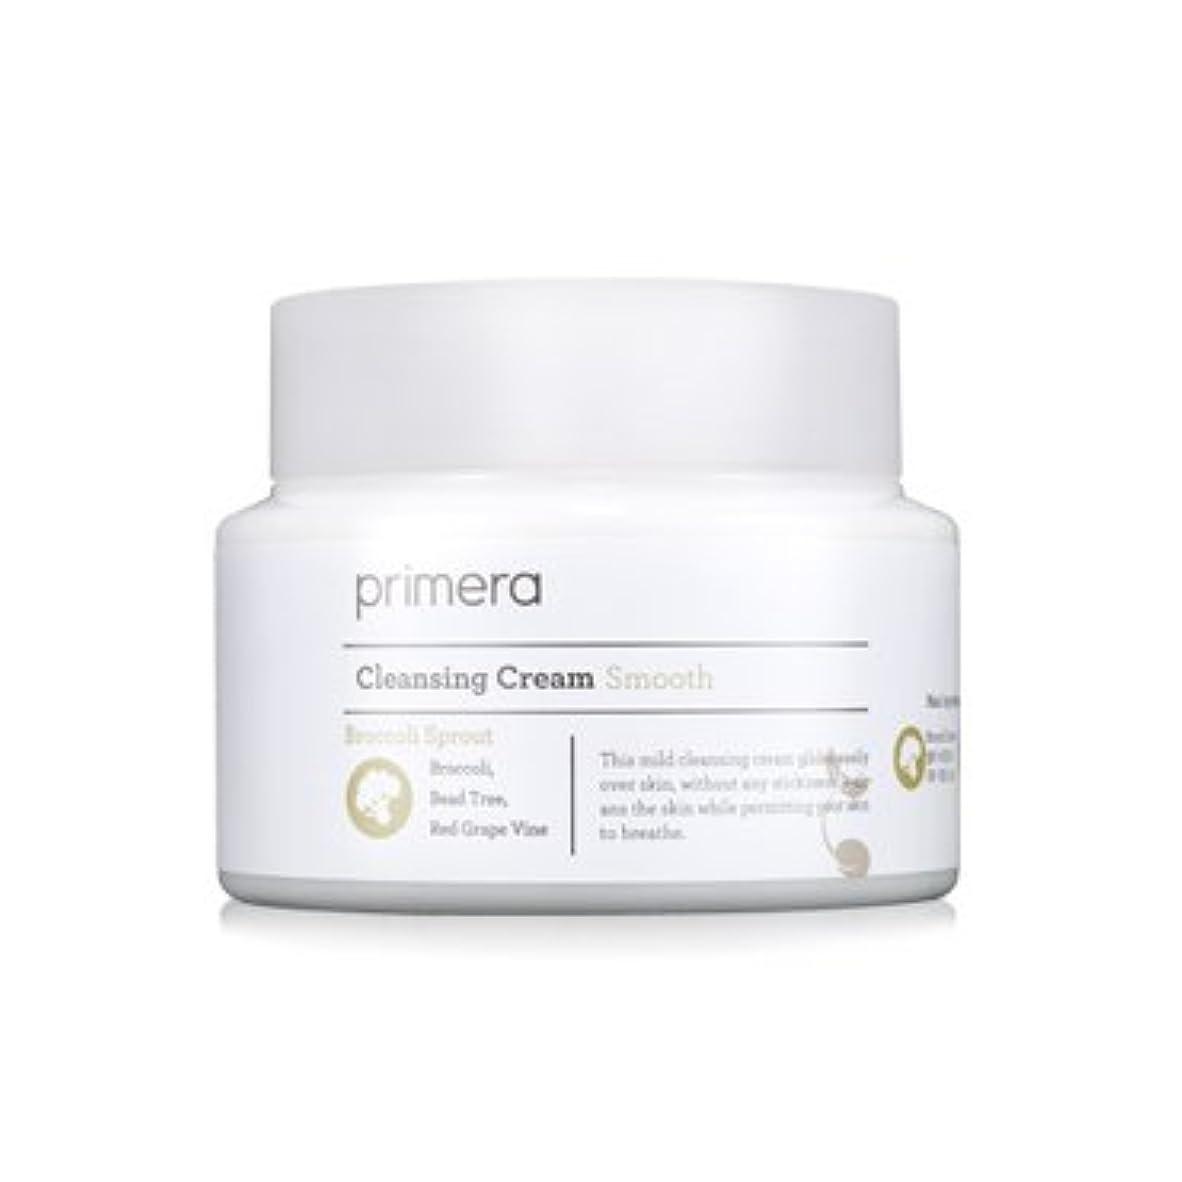 能力支援する静脈PRIMERA プリメラ スムース クレンジング クリーム(Smooth Cleansing Cream)250ml